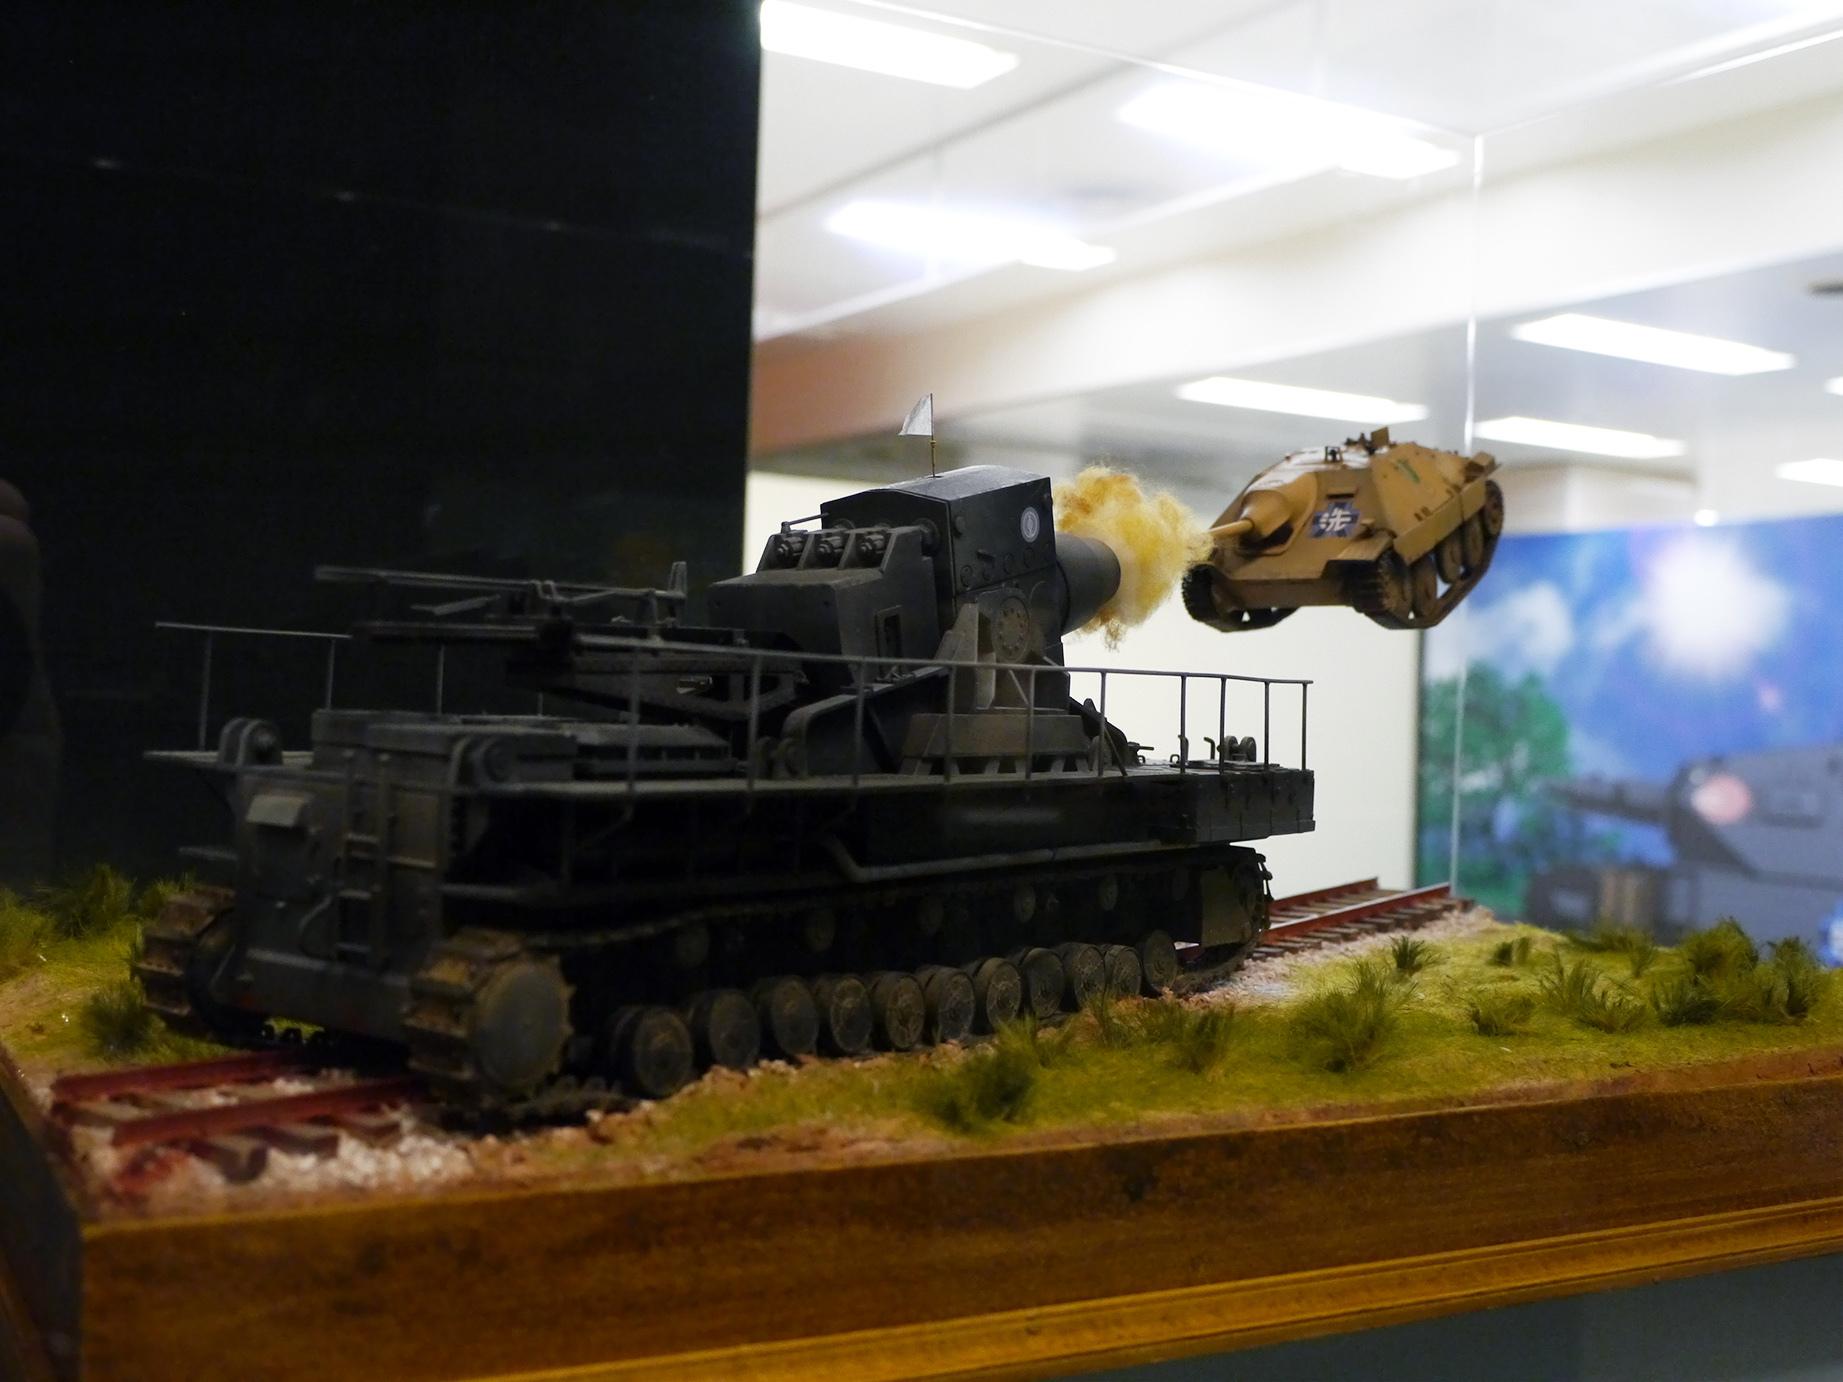 印象的な戦車戦の数々をリアルに再現した山田卓司のジオラマが勢ぞろい。様々な角度から眺められるのも大きな魅力だ